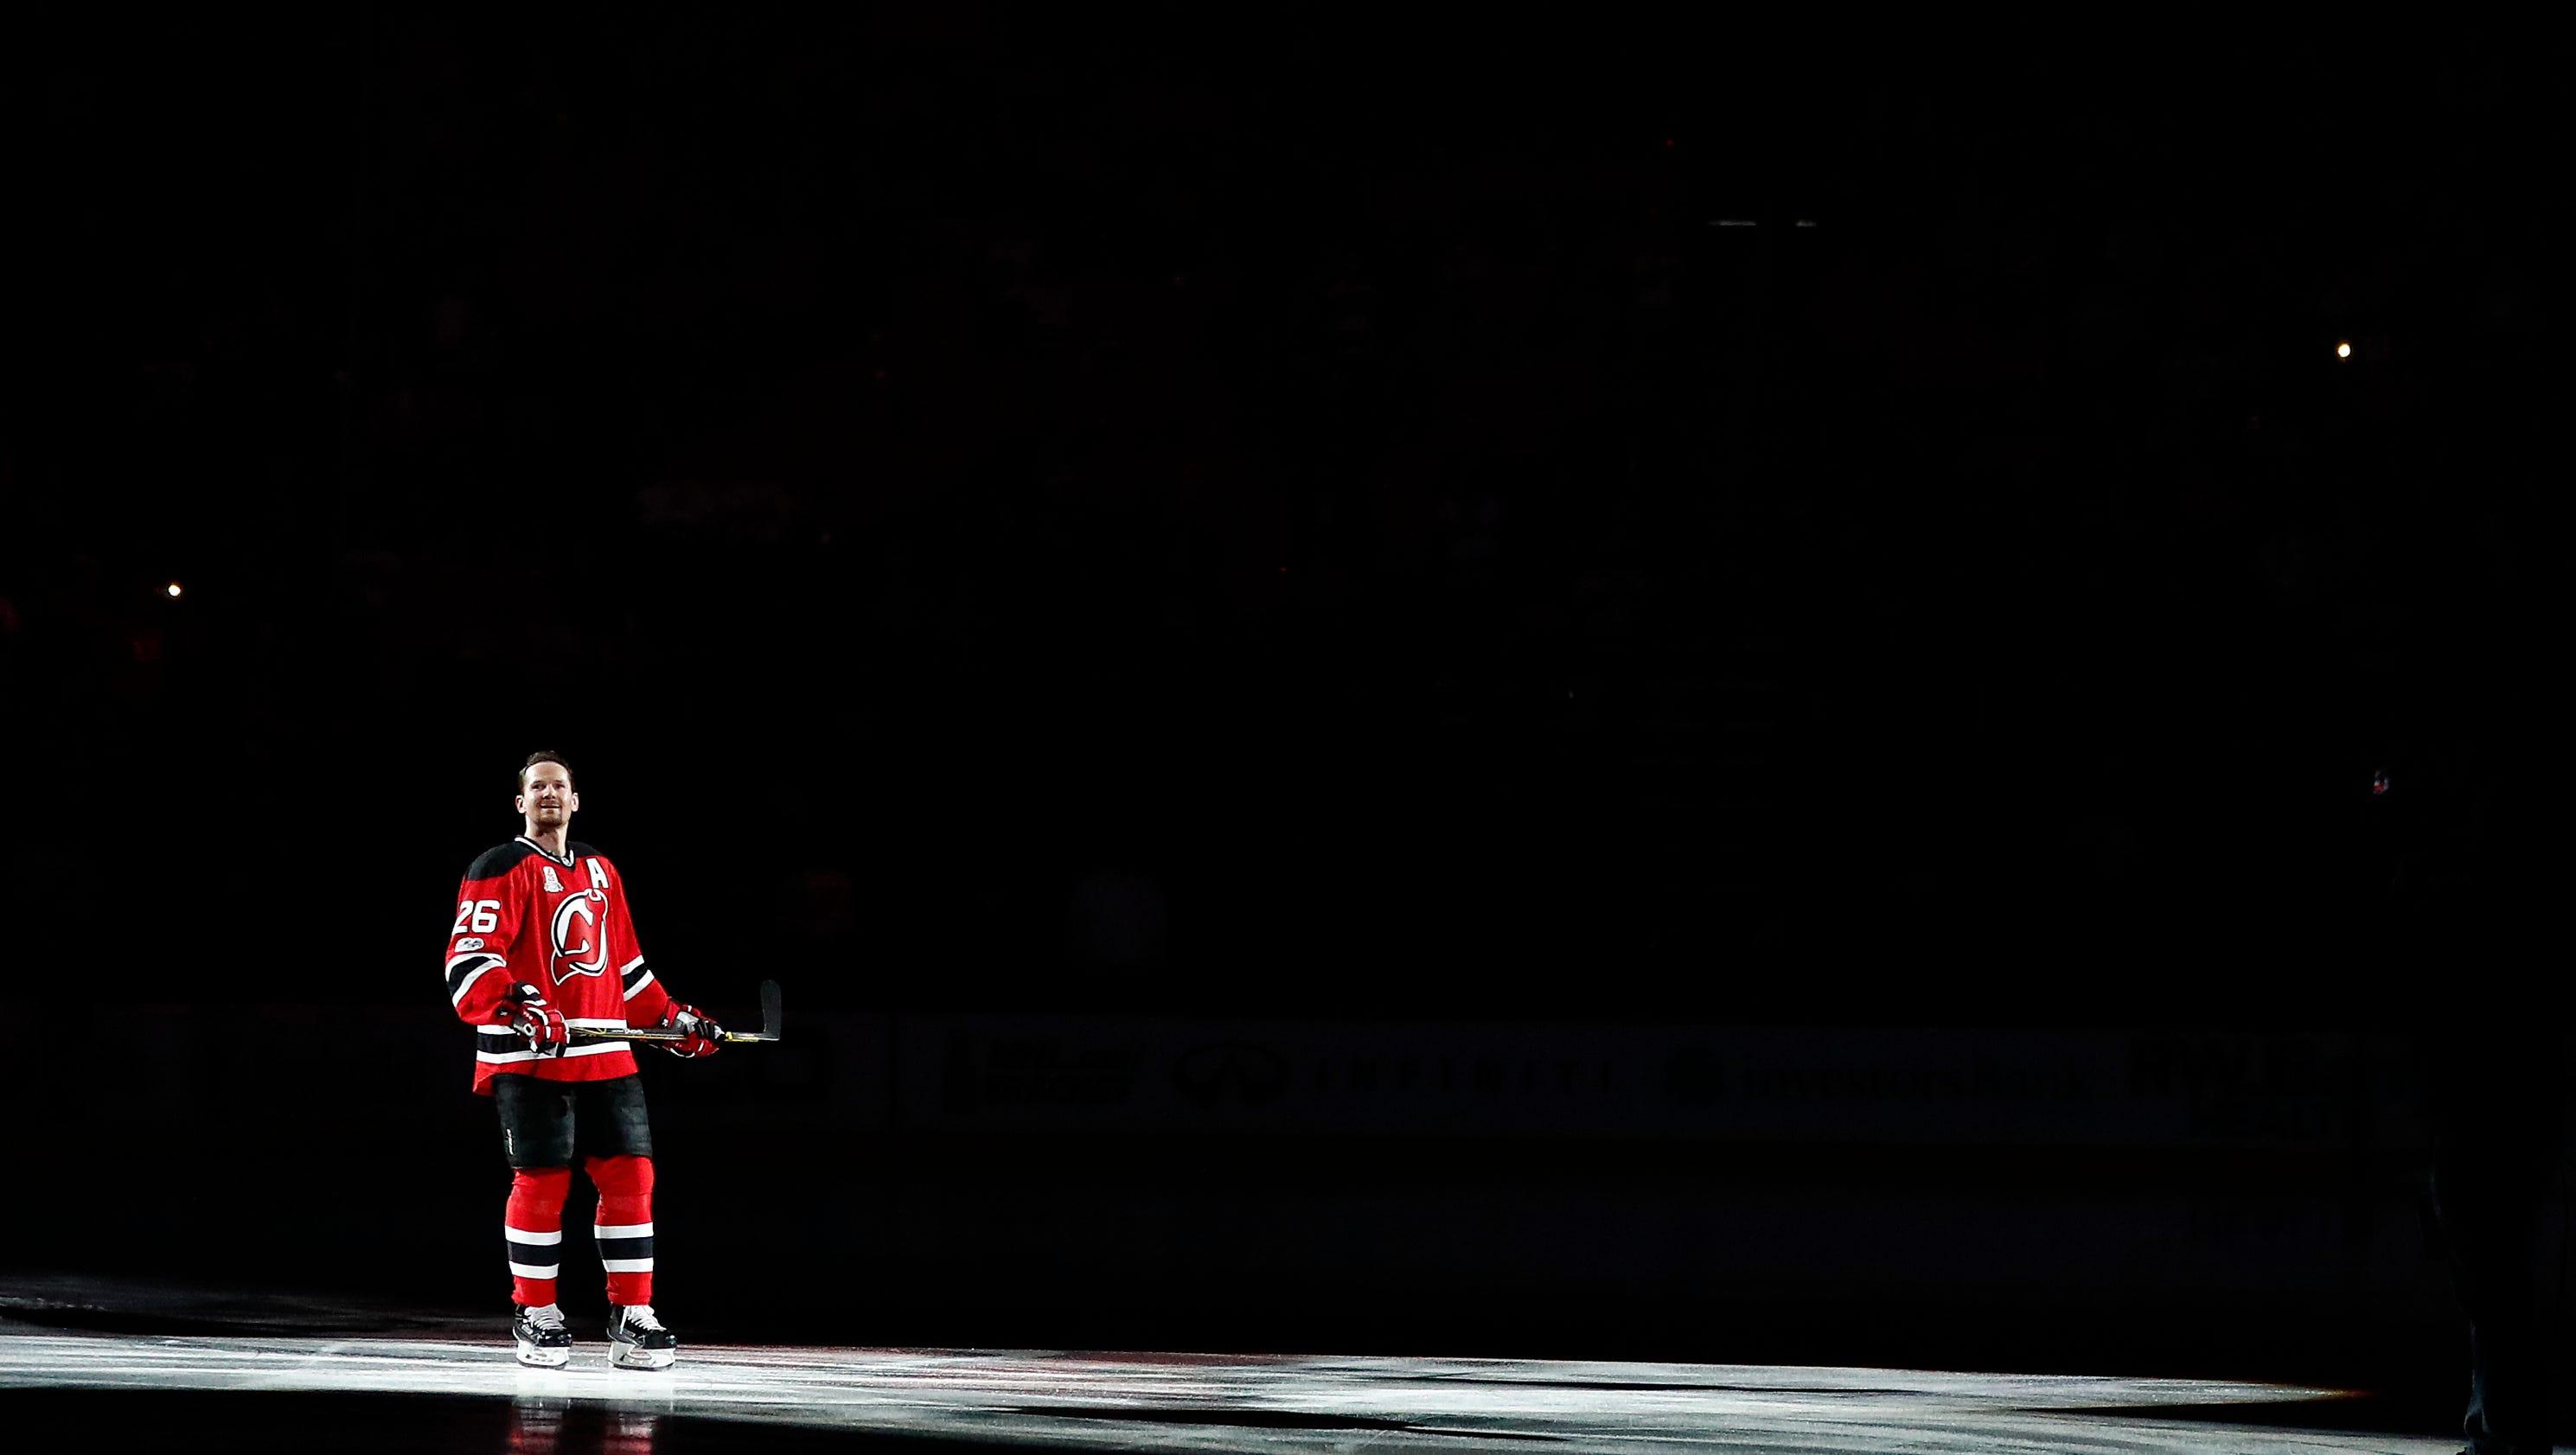 636272911930454429-islanders-devils-hockey-15597857